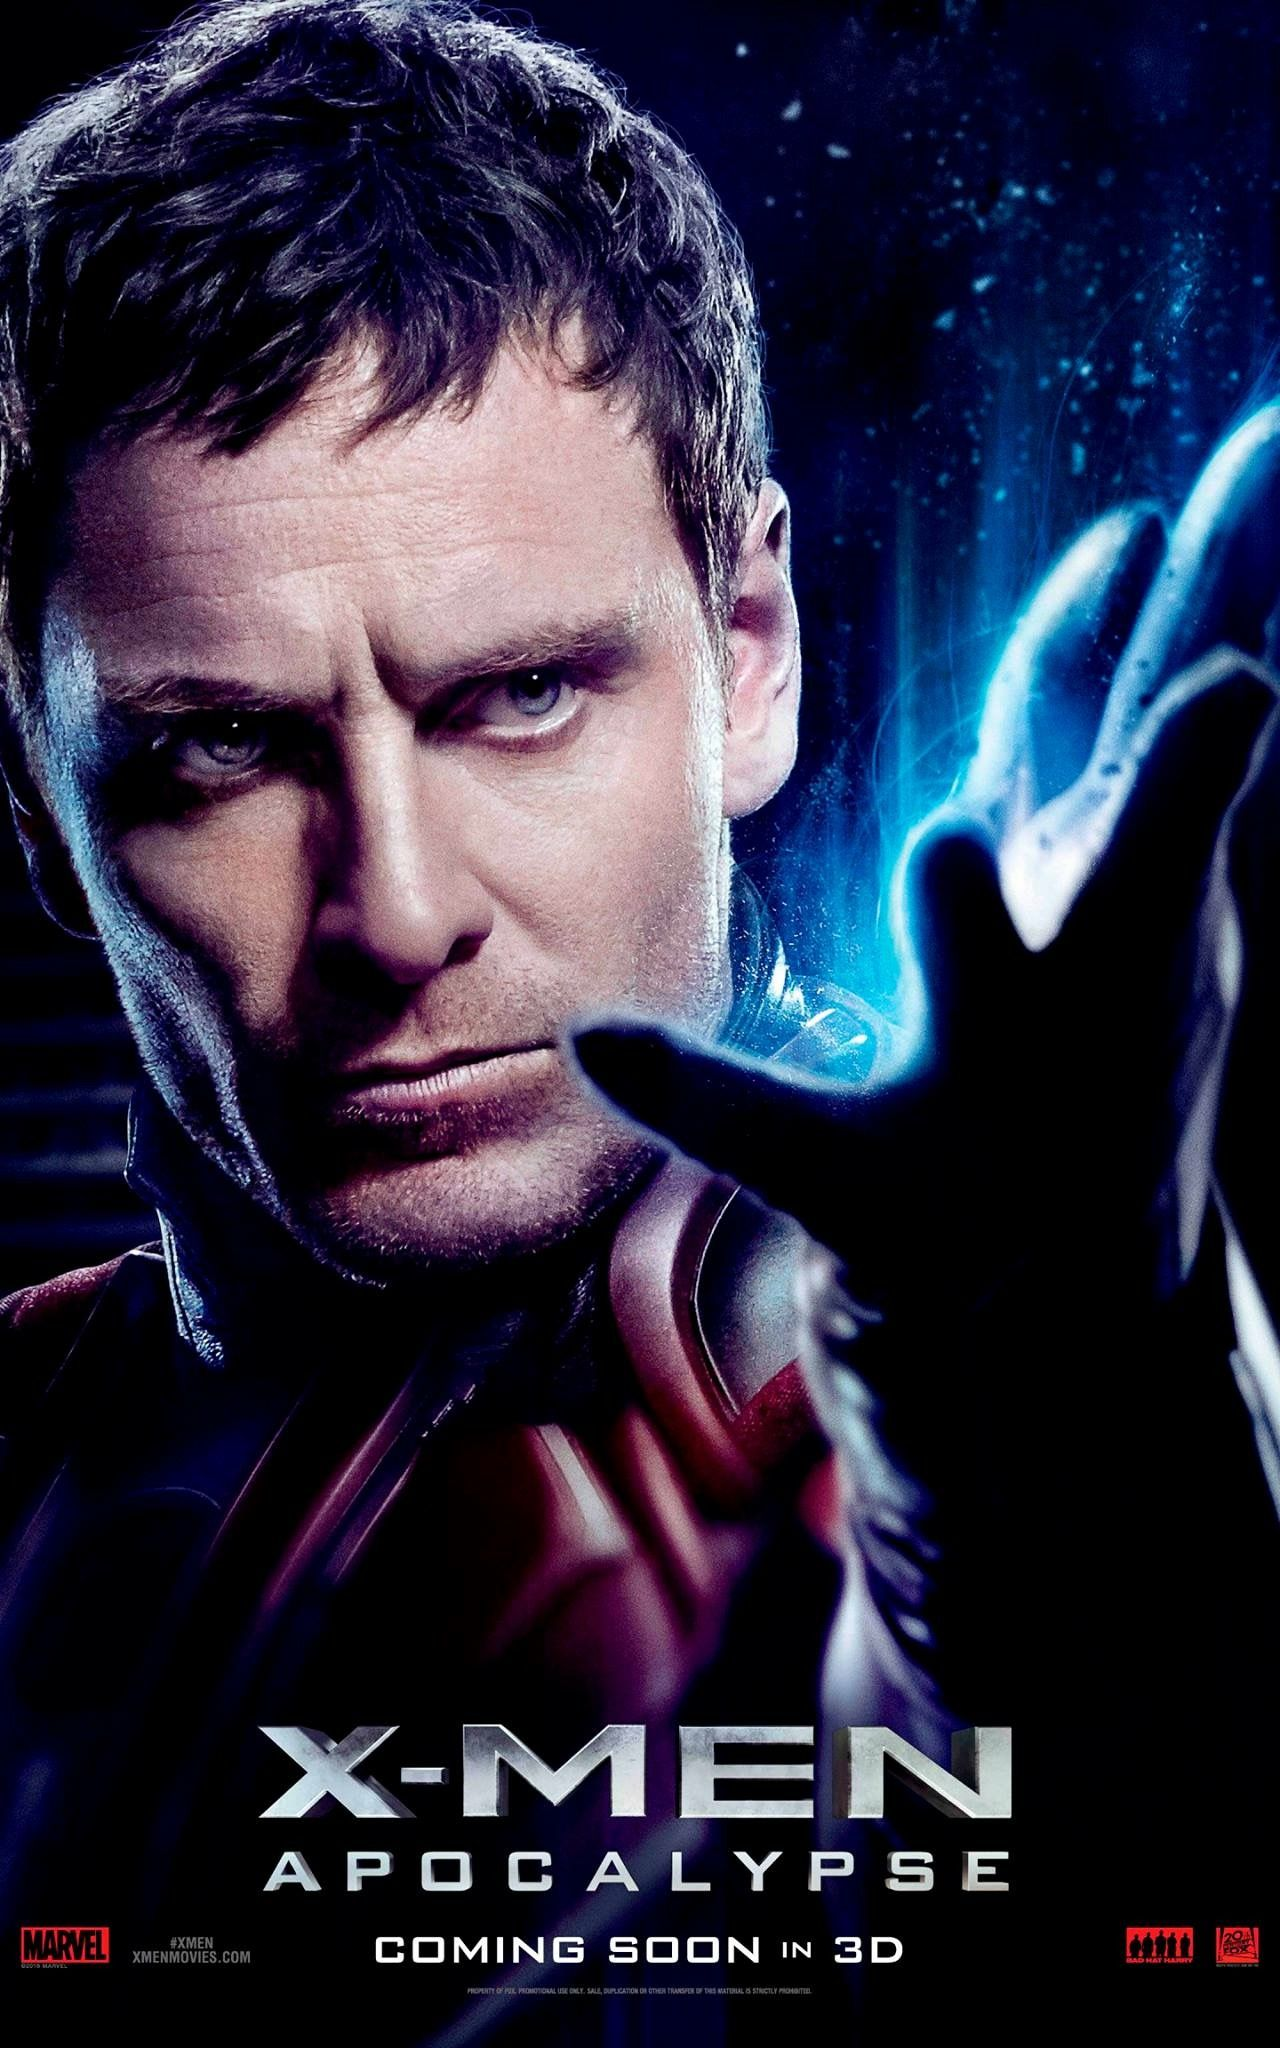 10 X Men Apocalypse Character Posters Debut Apocalypse Movies X Men Apocalypse X Men